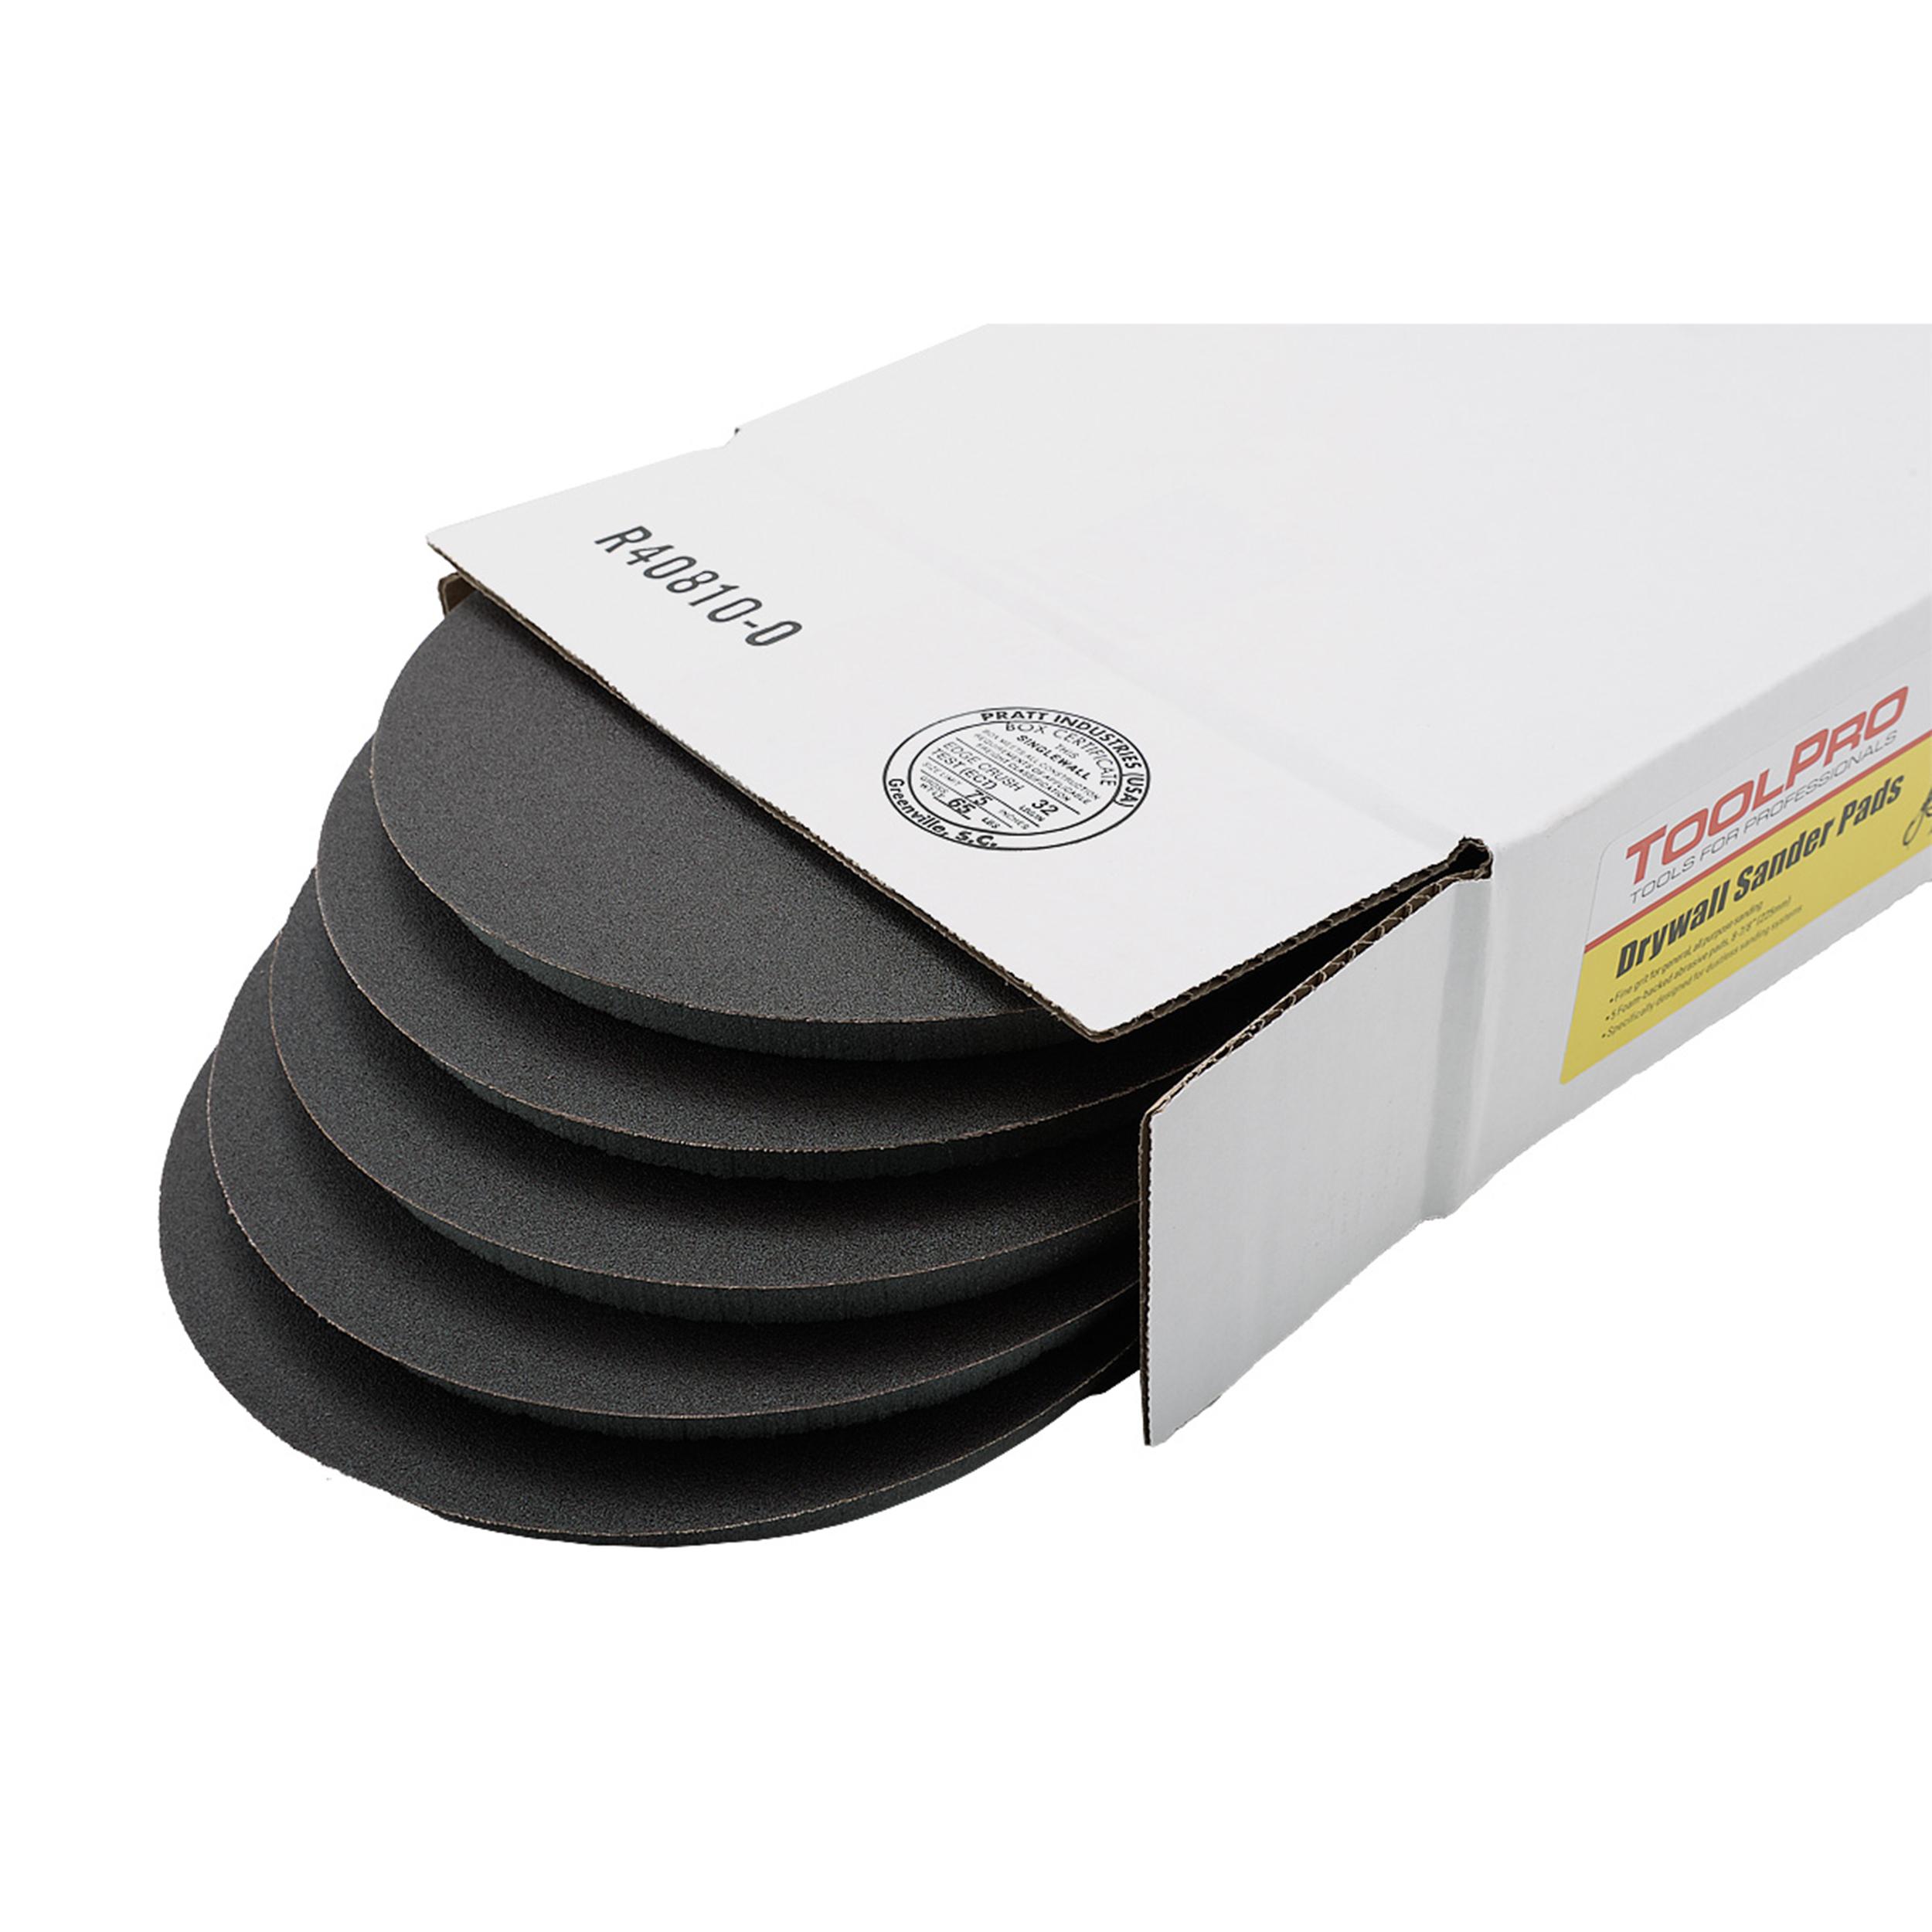 120G Drywall Sander Pads, 5-Pack